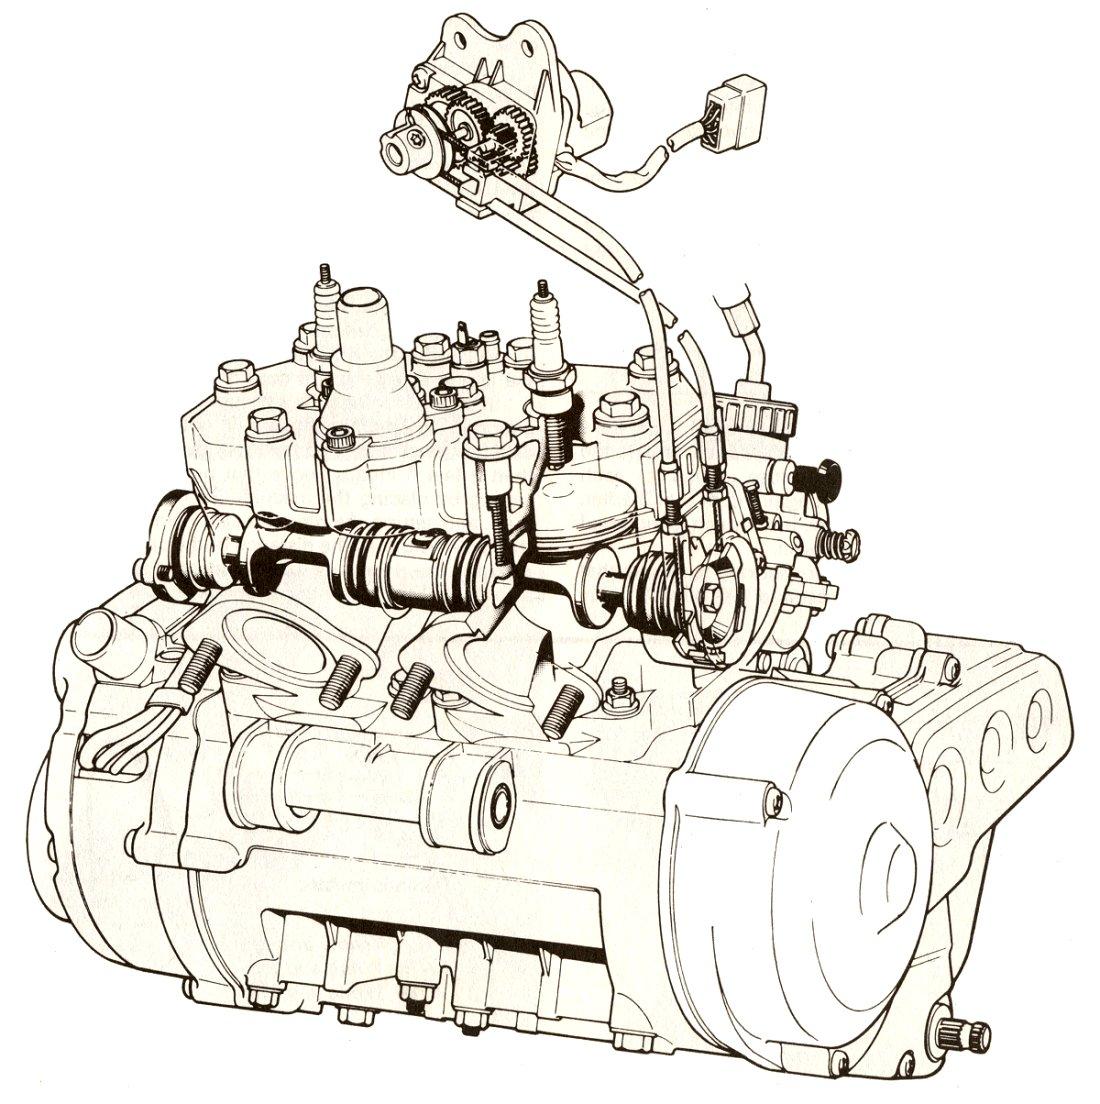 Rz350ypvs